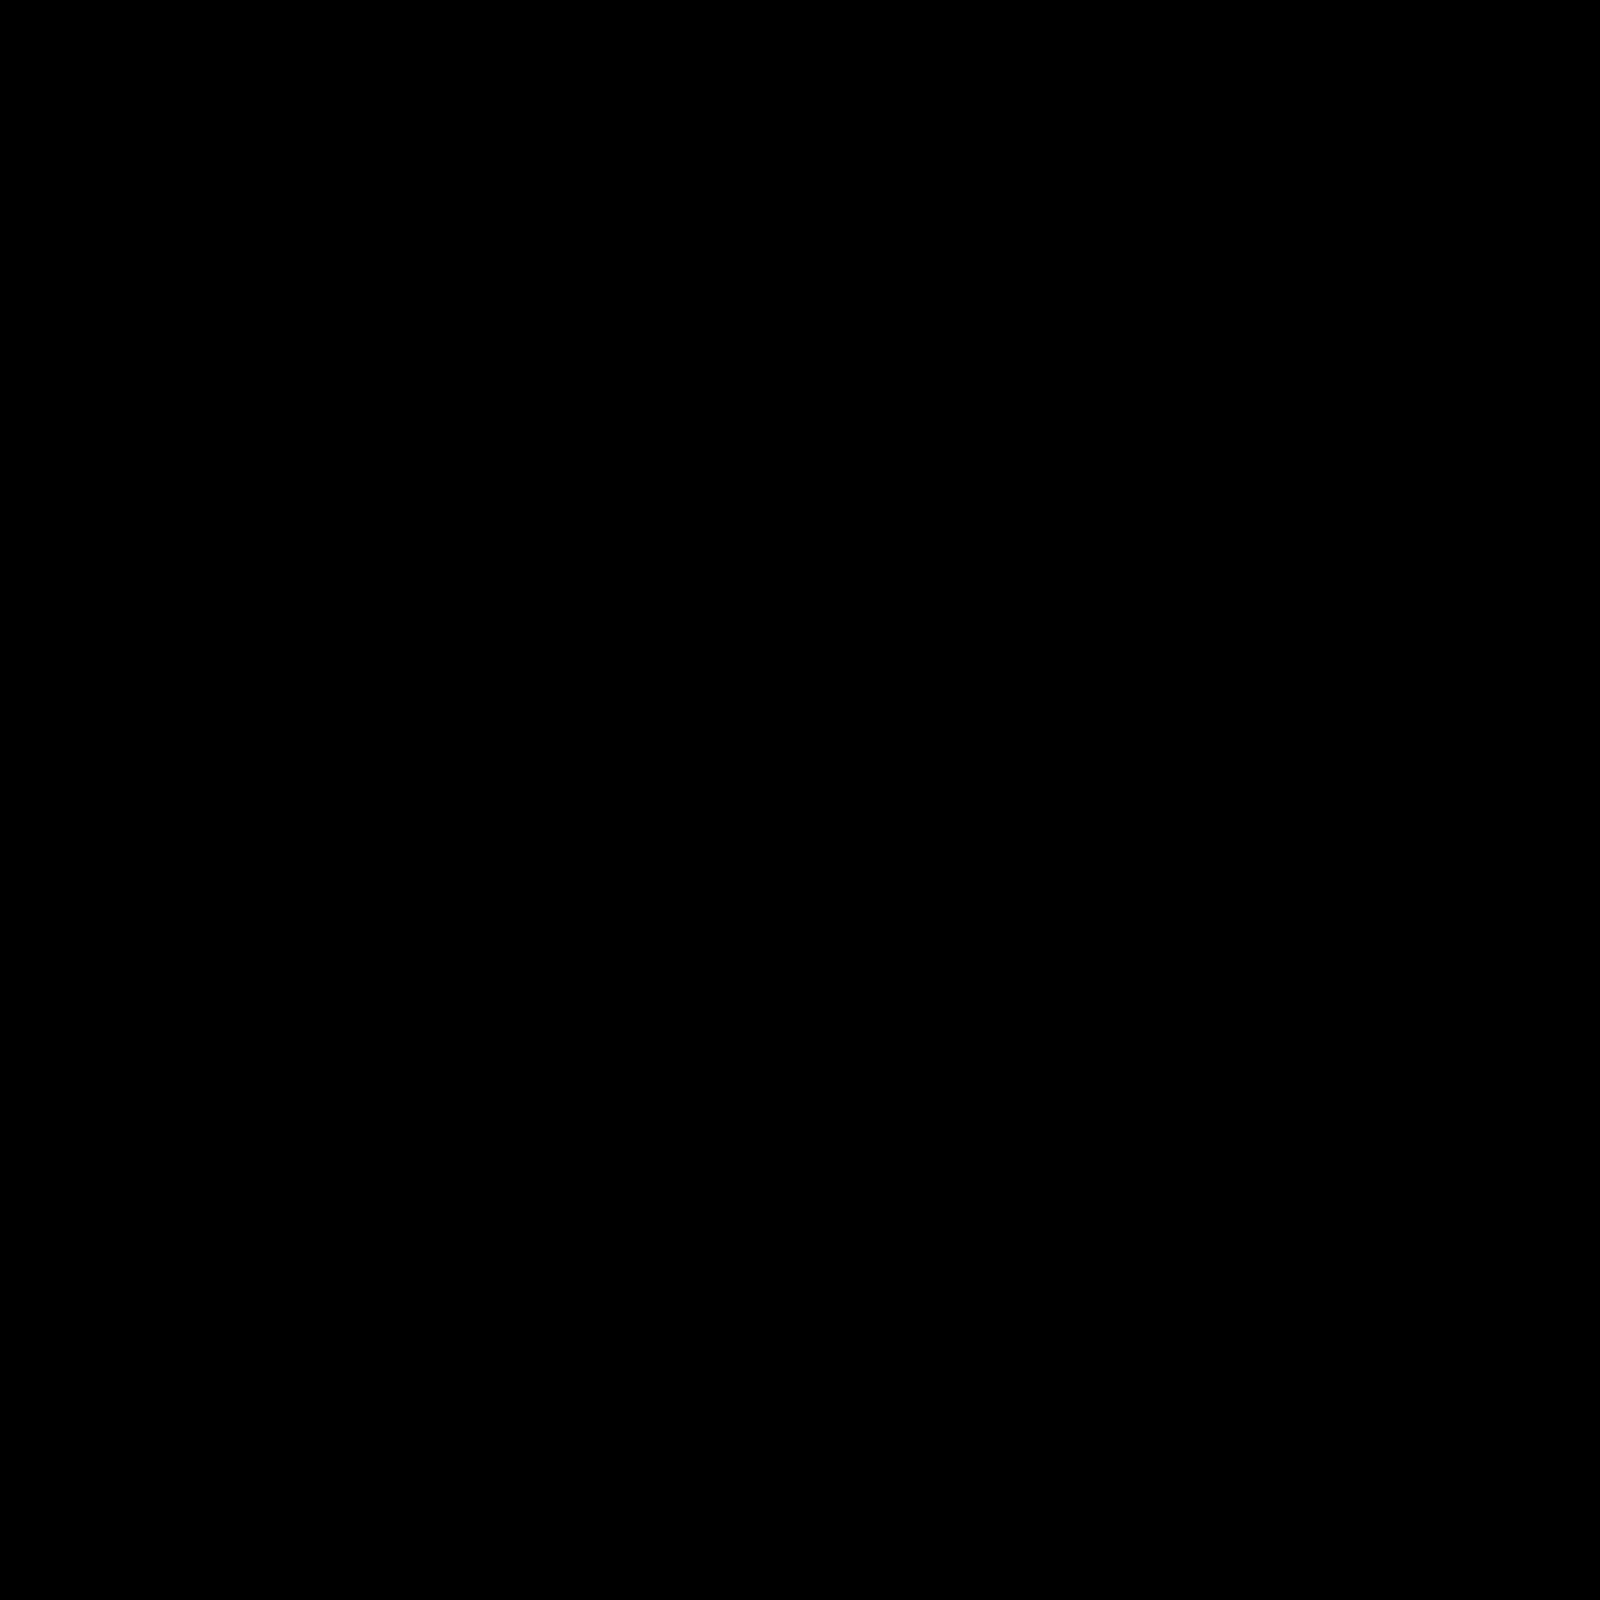 黒と白 icon